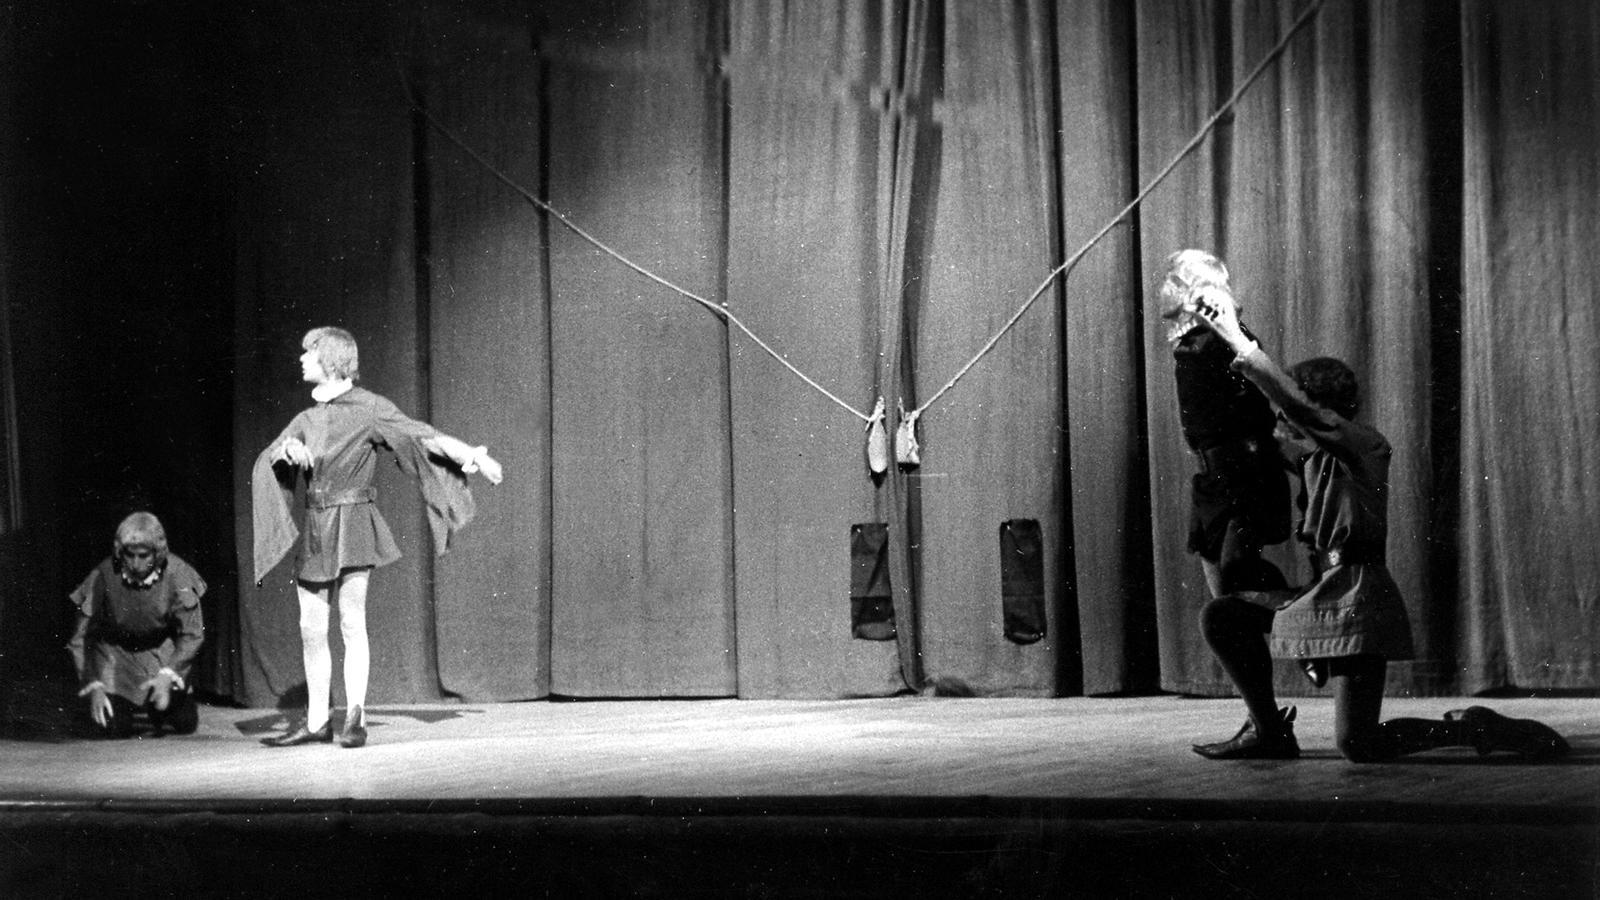 Representació d''Or i sal' al Palau de la Música Catalana, Barcelona, 18 de maig del 1961